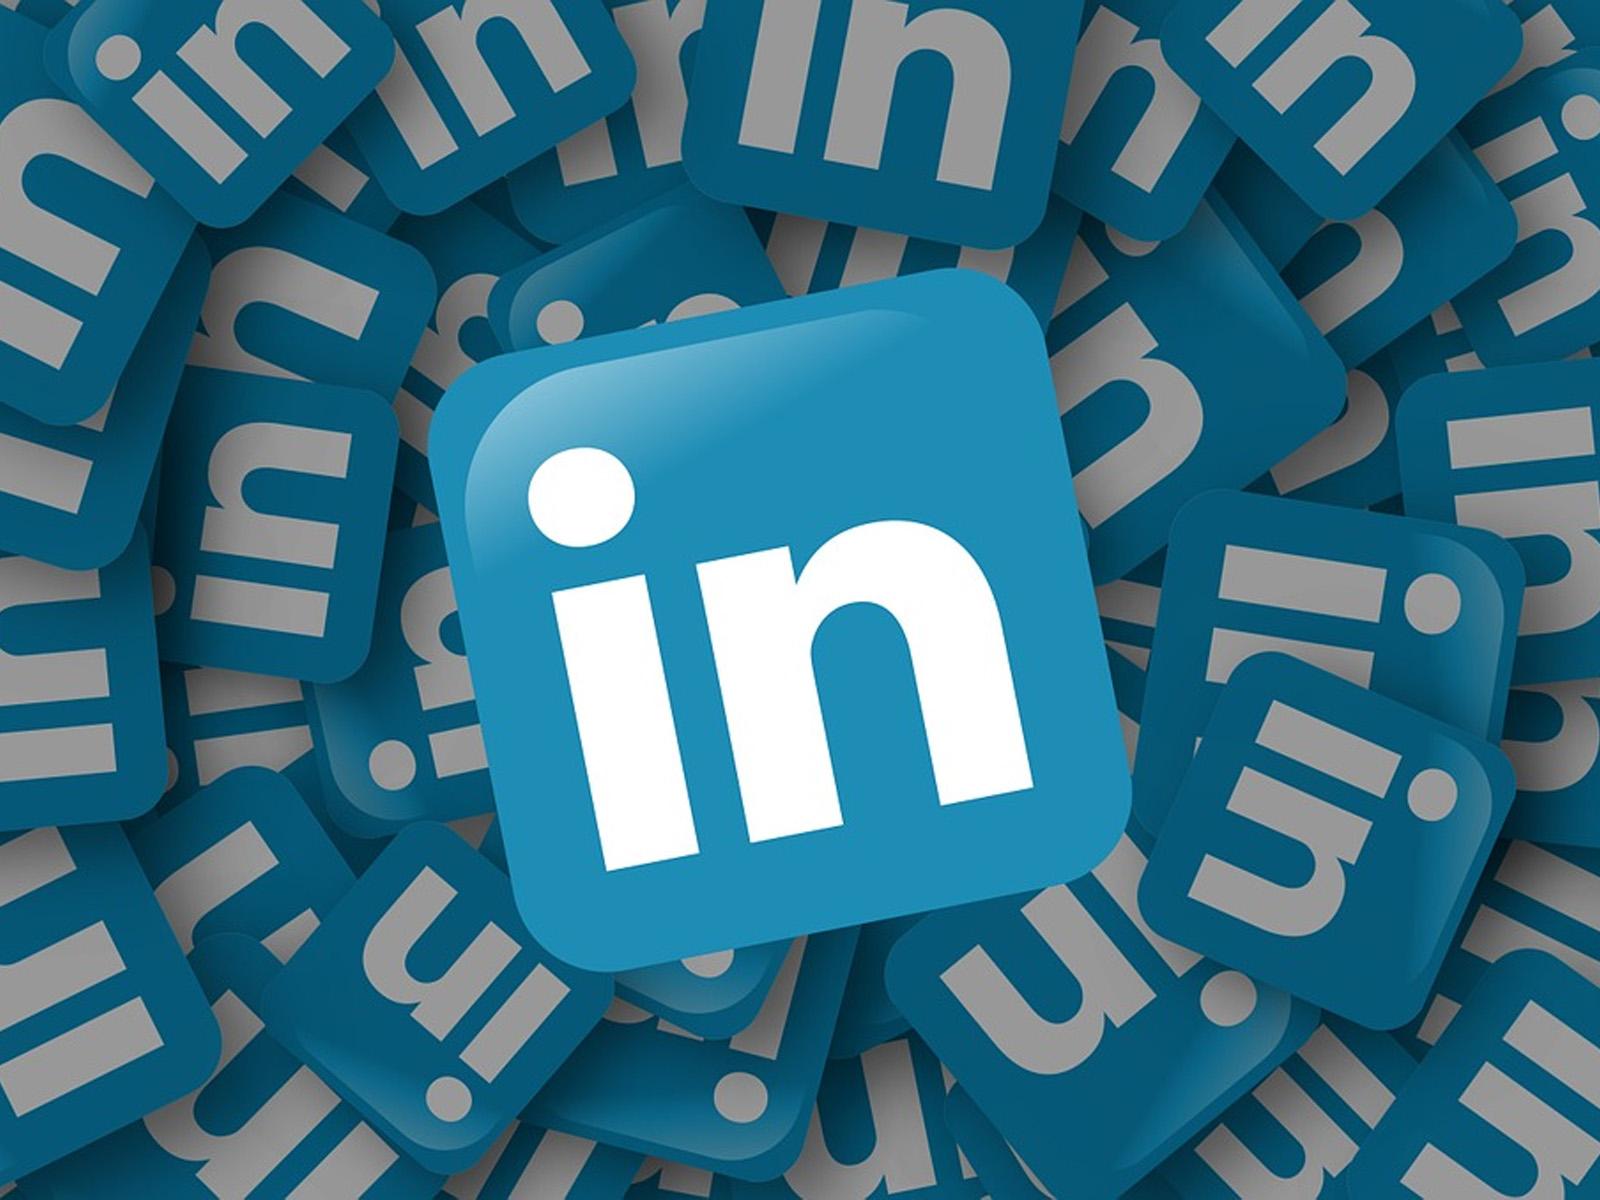 Manfaat LinkedIn Untuk Kemajuan Bisnis